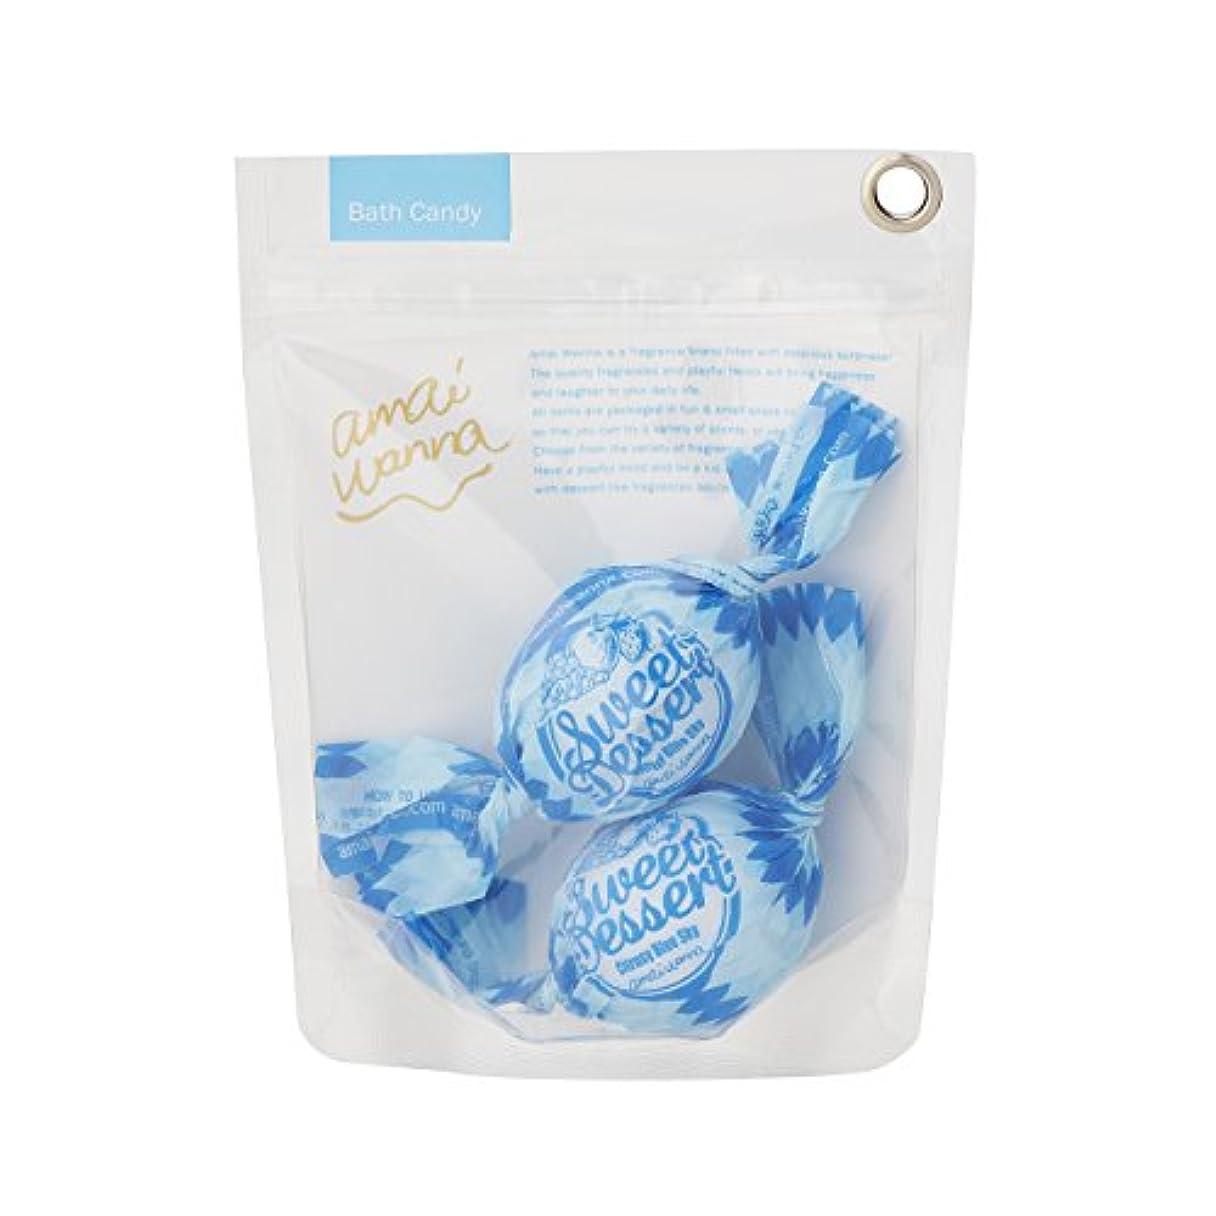 図団結ヒントアマイワナ バスキャンディーバッグ 青空シトラス 35g×2(発泡タイプ入浴料 2回分 おおらかで凛としたシトラスの香り)